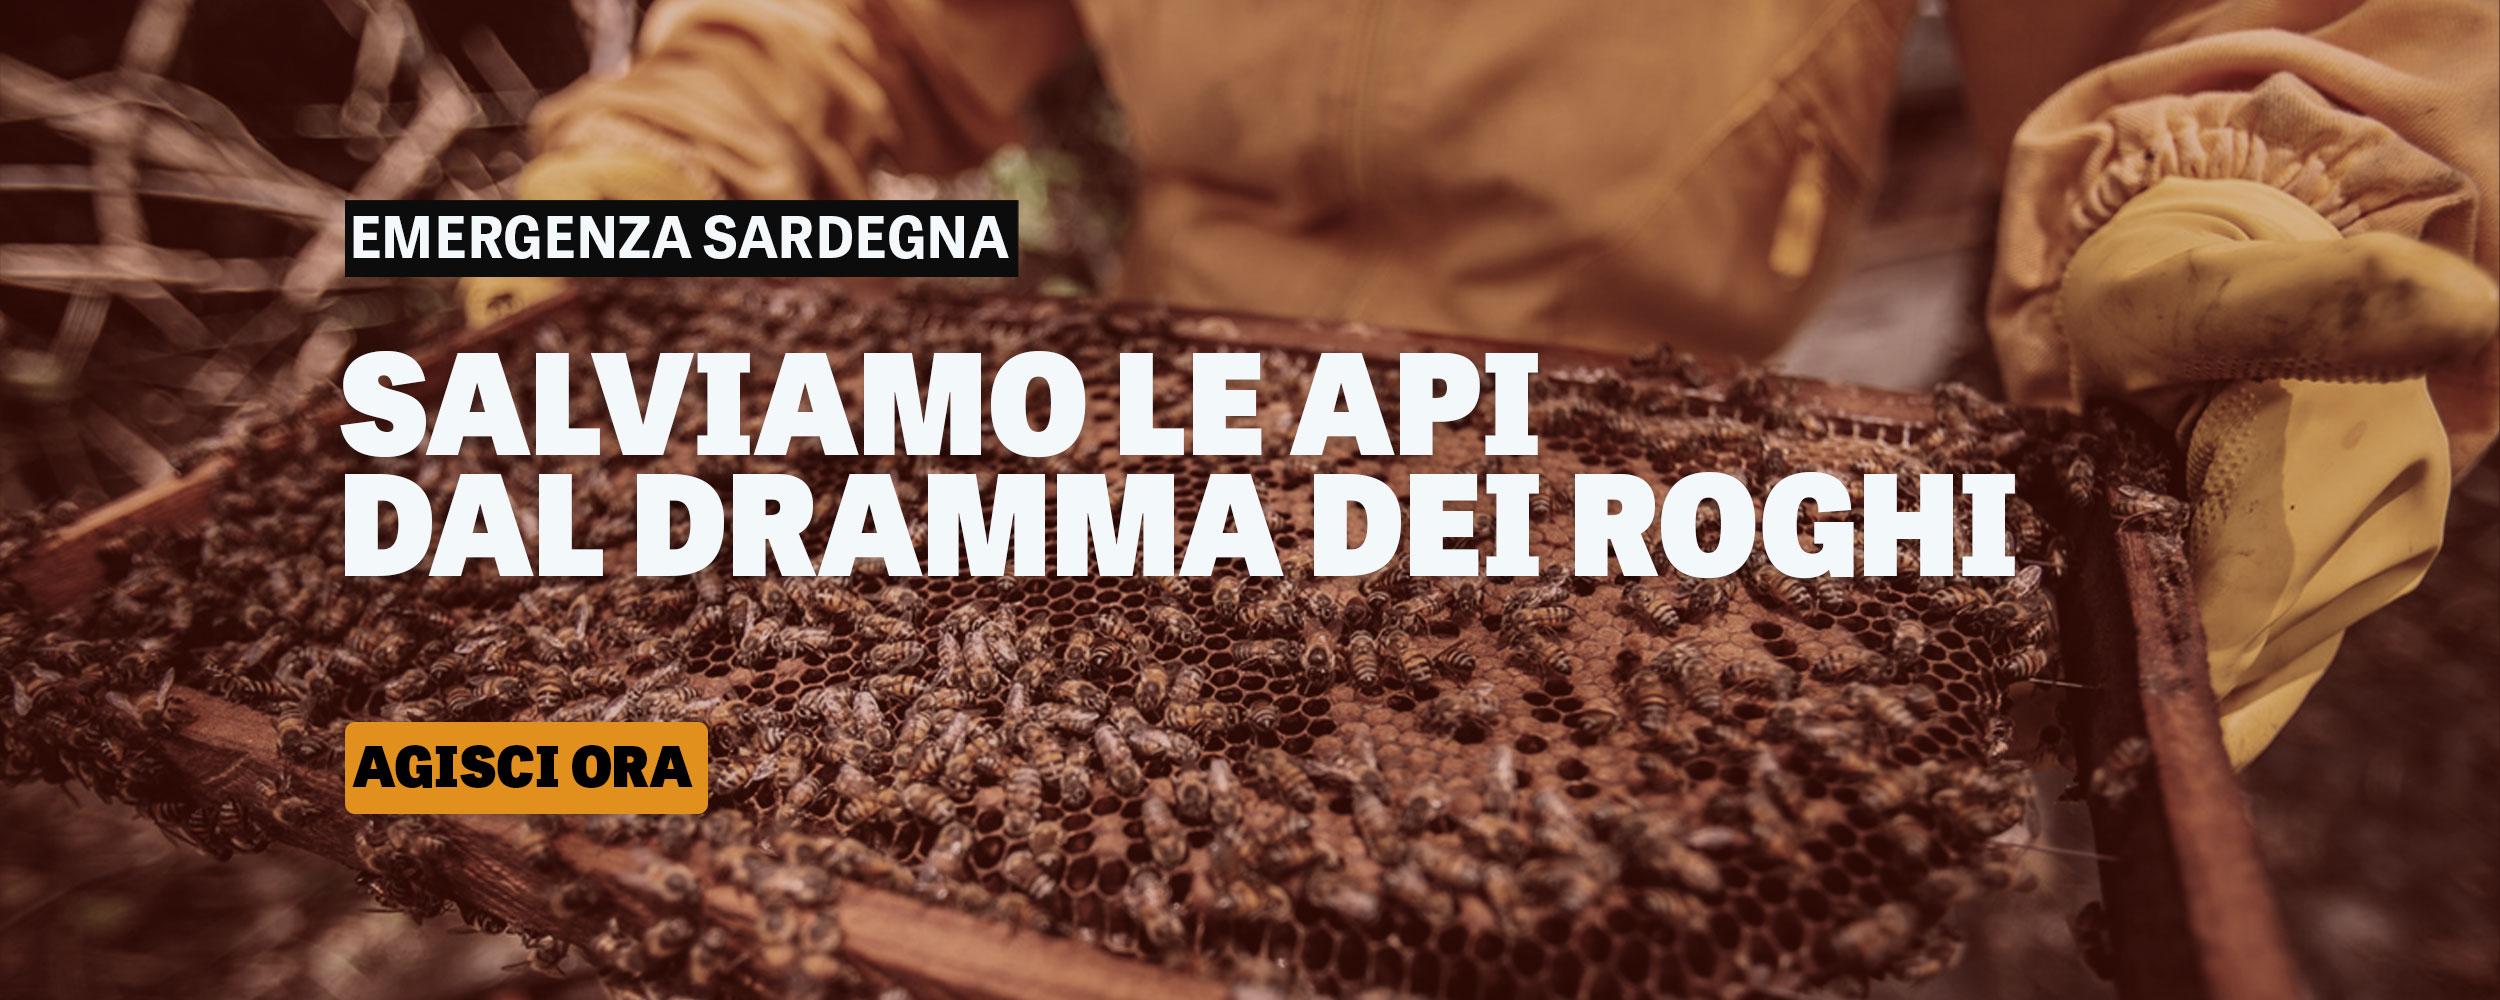 Salviamo le api della sardegna